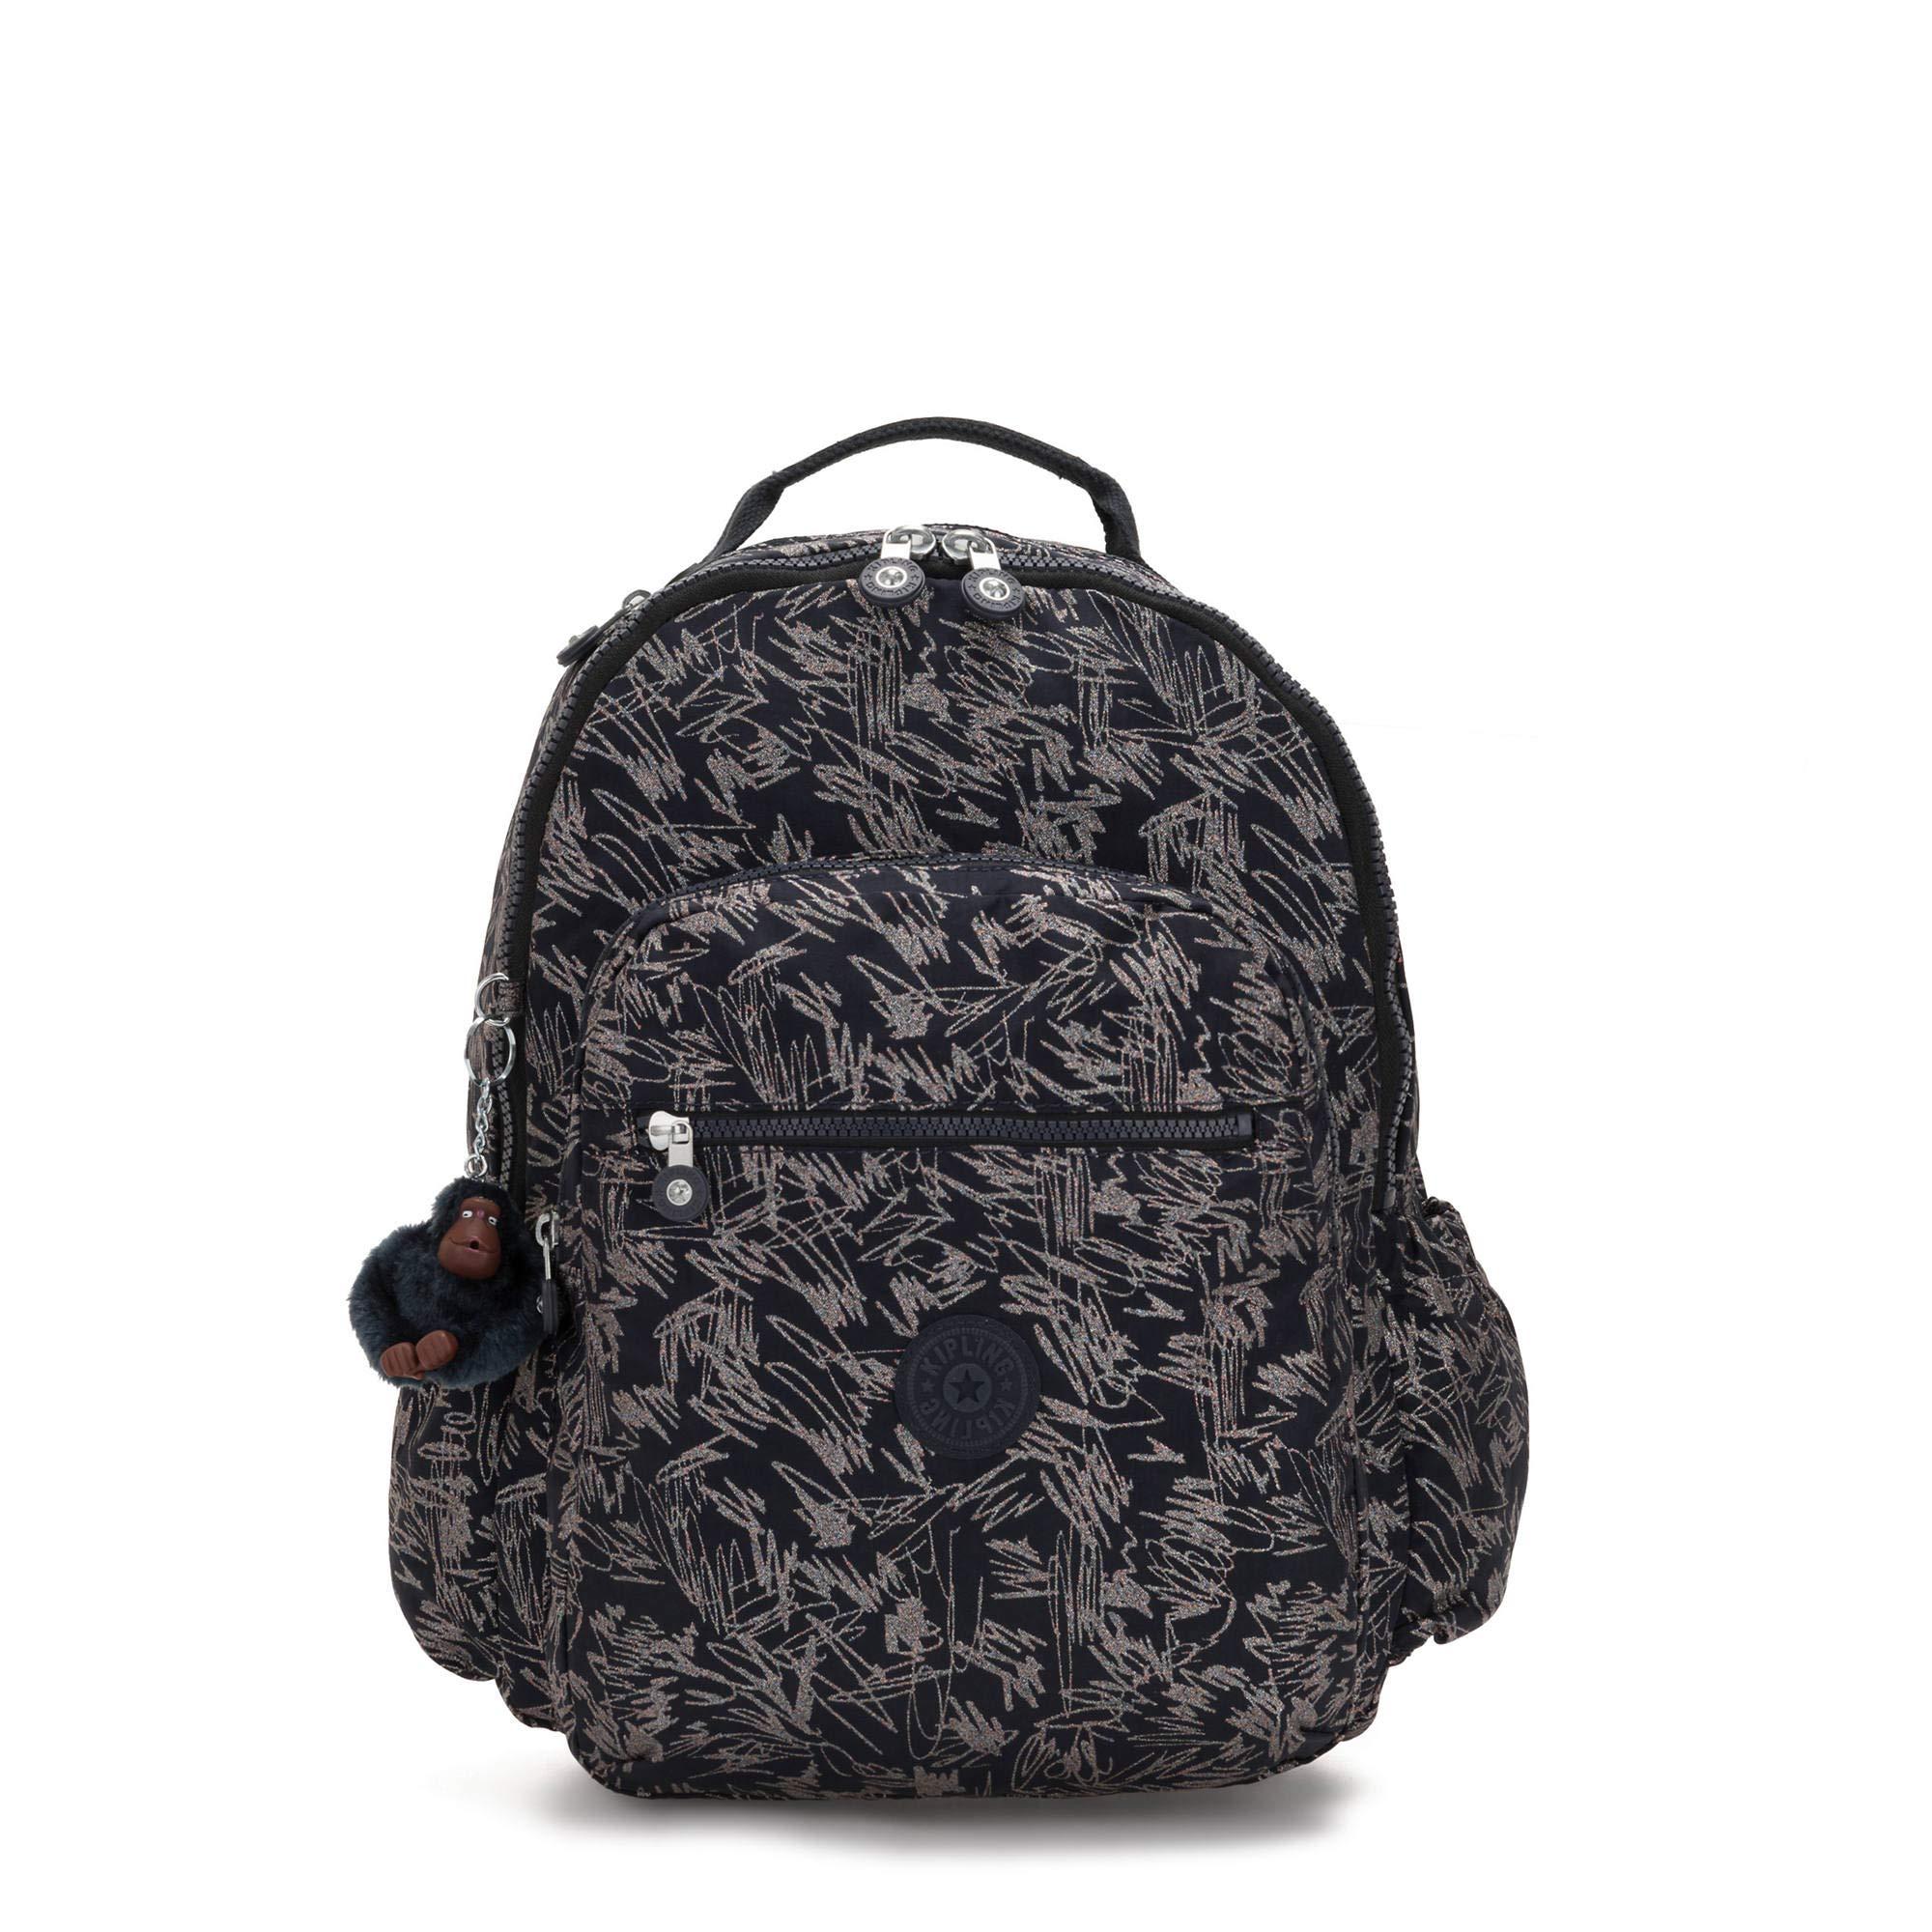 Kipling Seoul Go Large 15'' Laptop Backpack Vibrant Sketch by Kipling